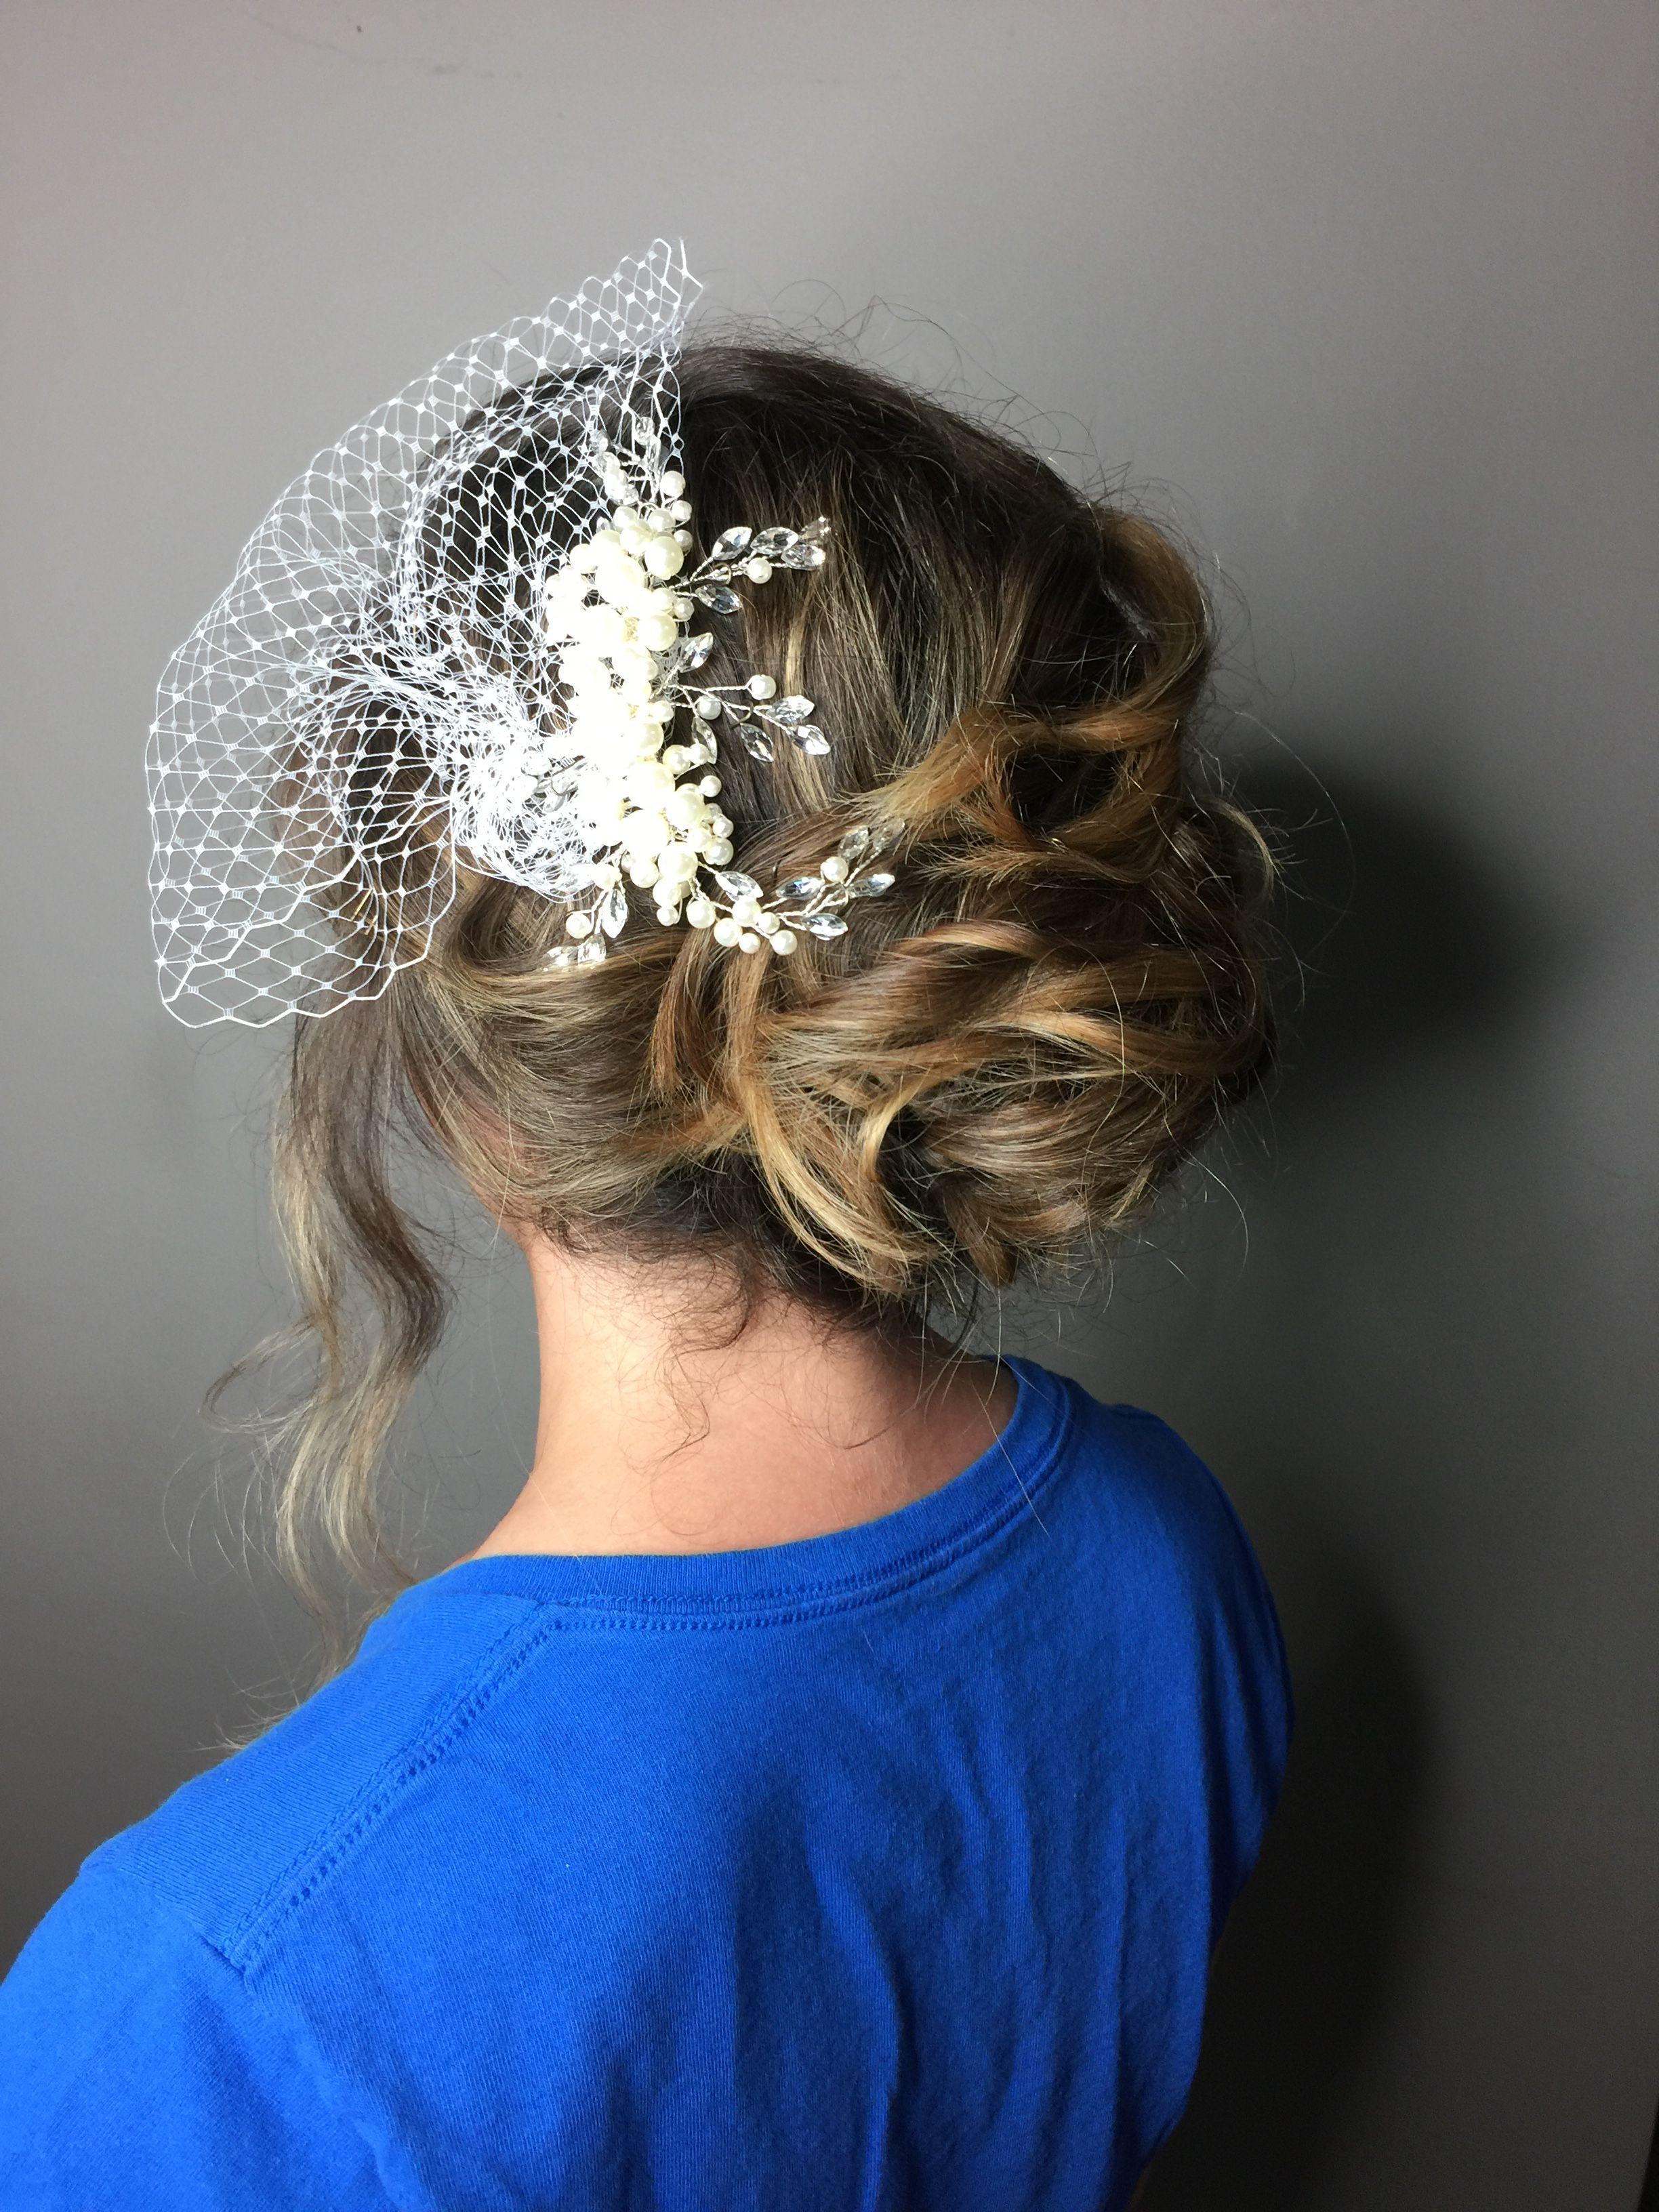 Beach vintage hair inspired with birdcage wedding hair curly hair